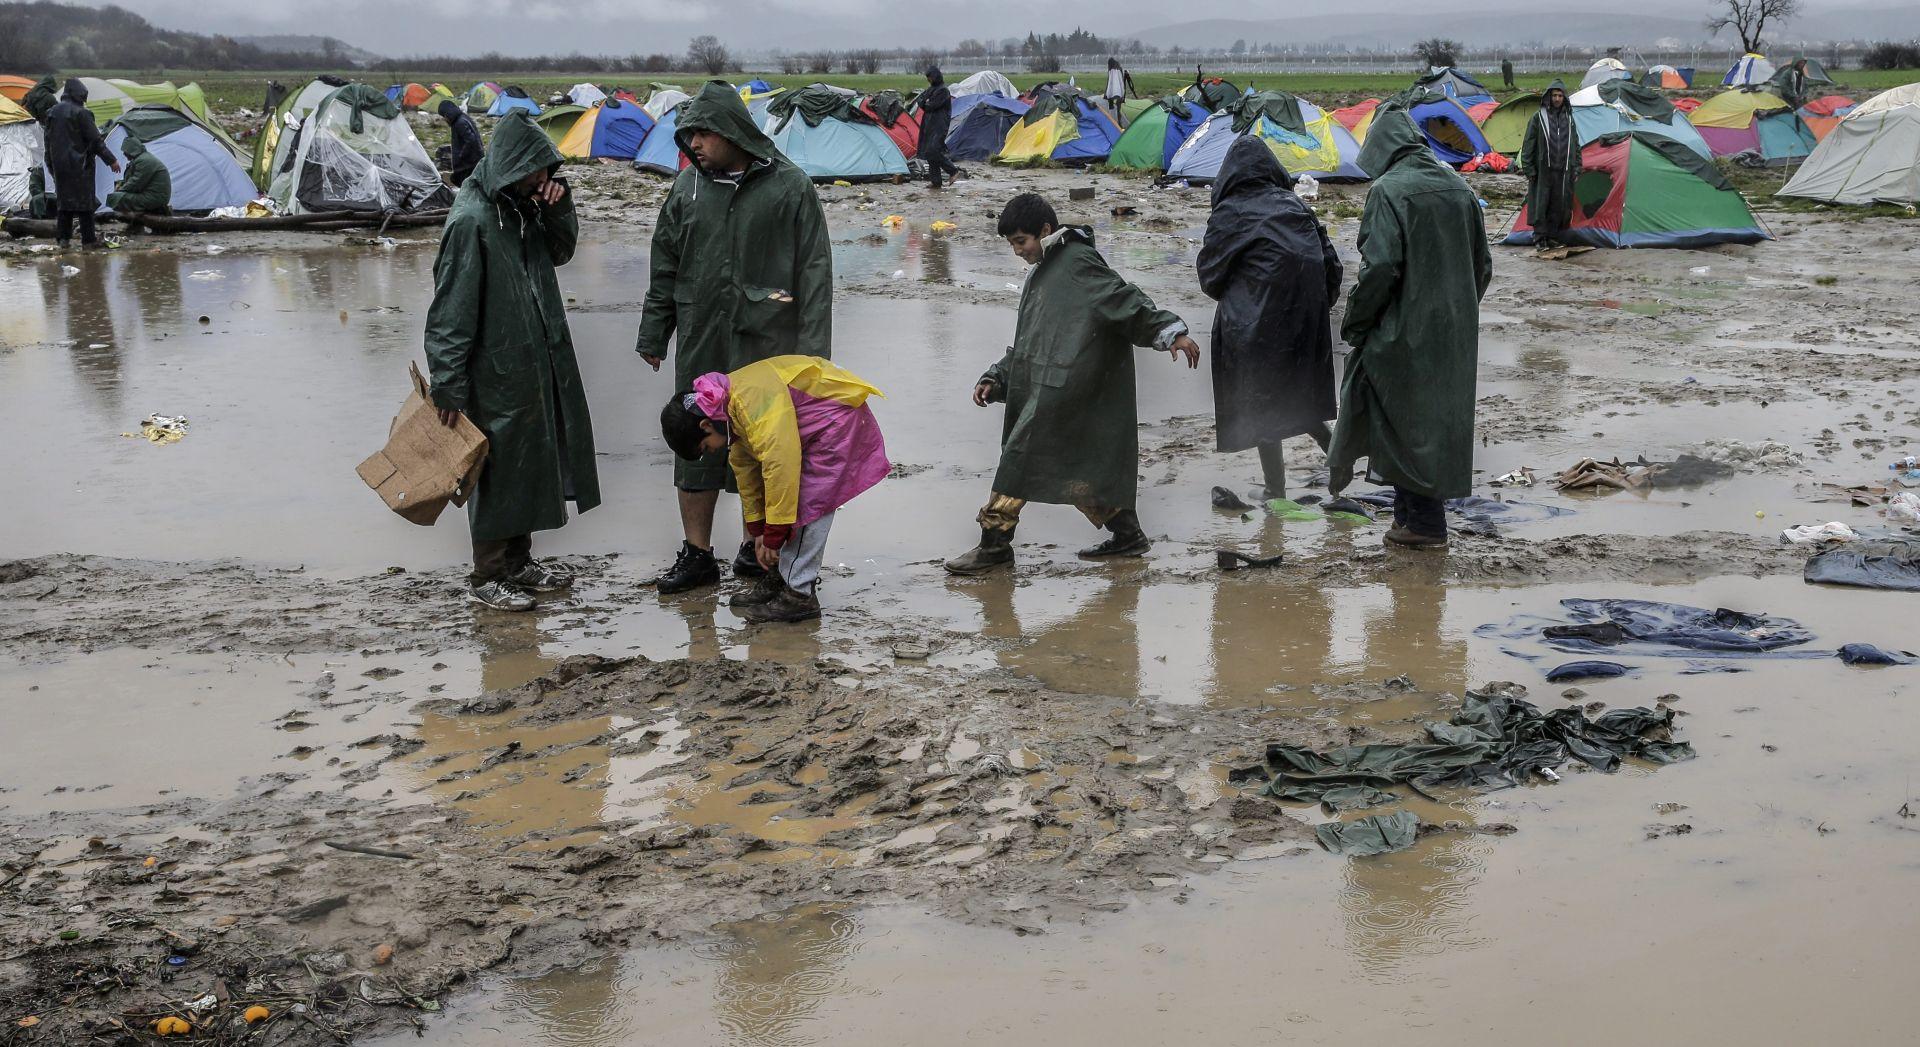 GRČKO-MAKEDONSKA GRANICA: Sve kritičnije zdravstveno stanje izbjeglica u Idomeni